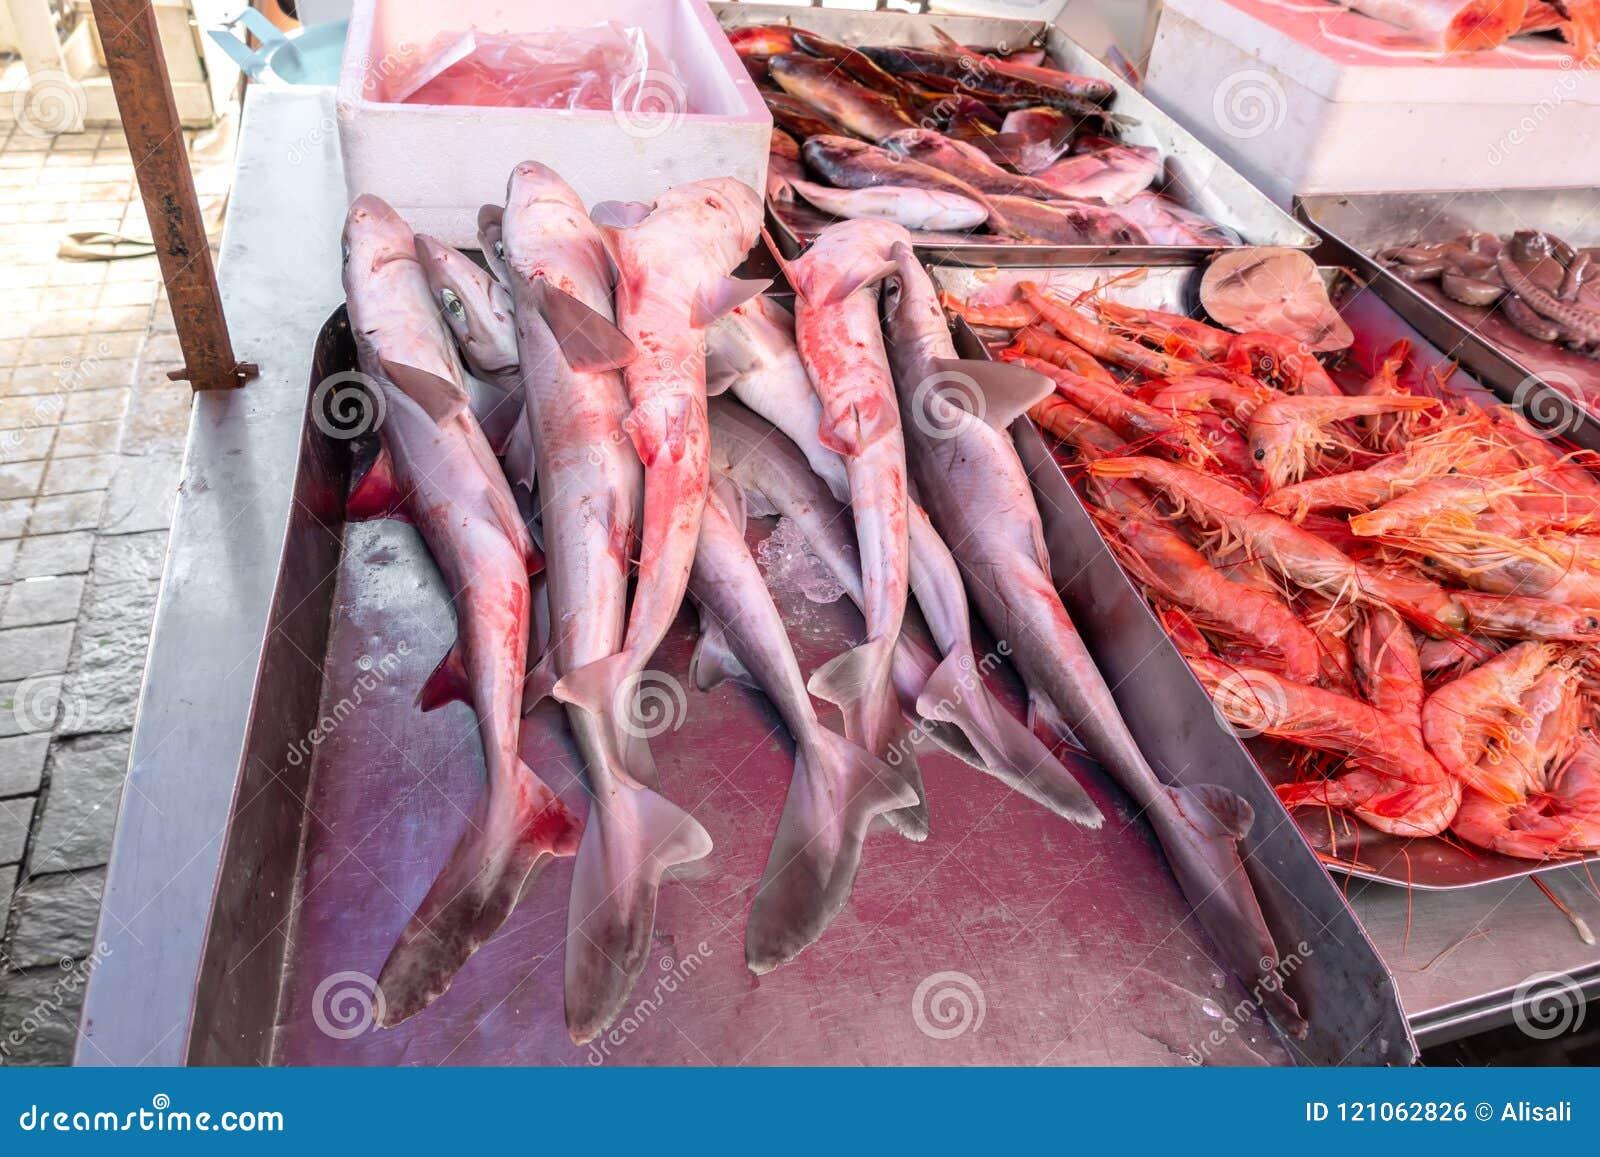 Tiburones y camarones en el mercado de pescados